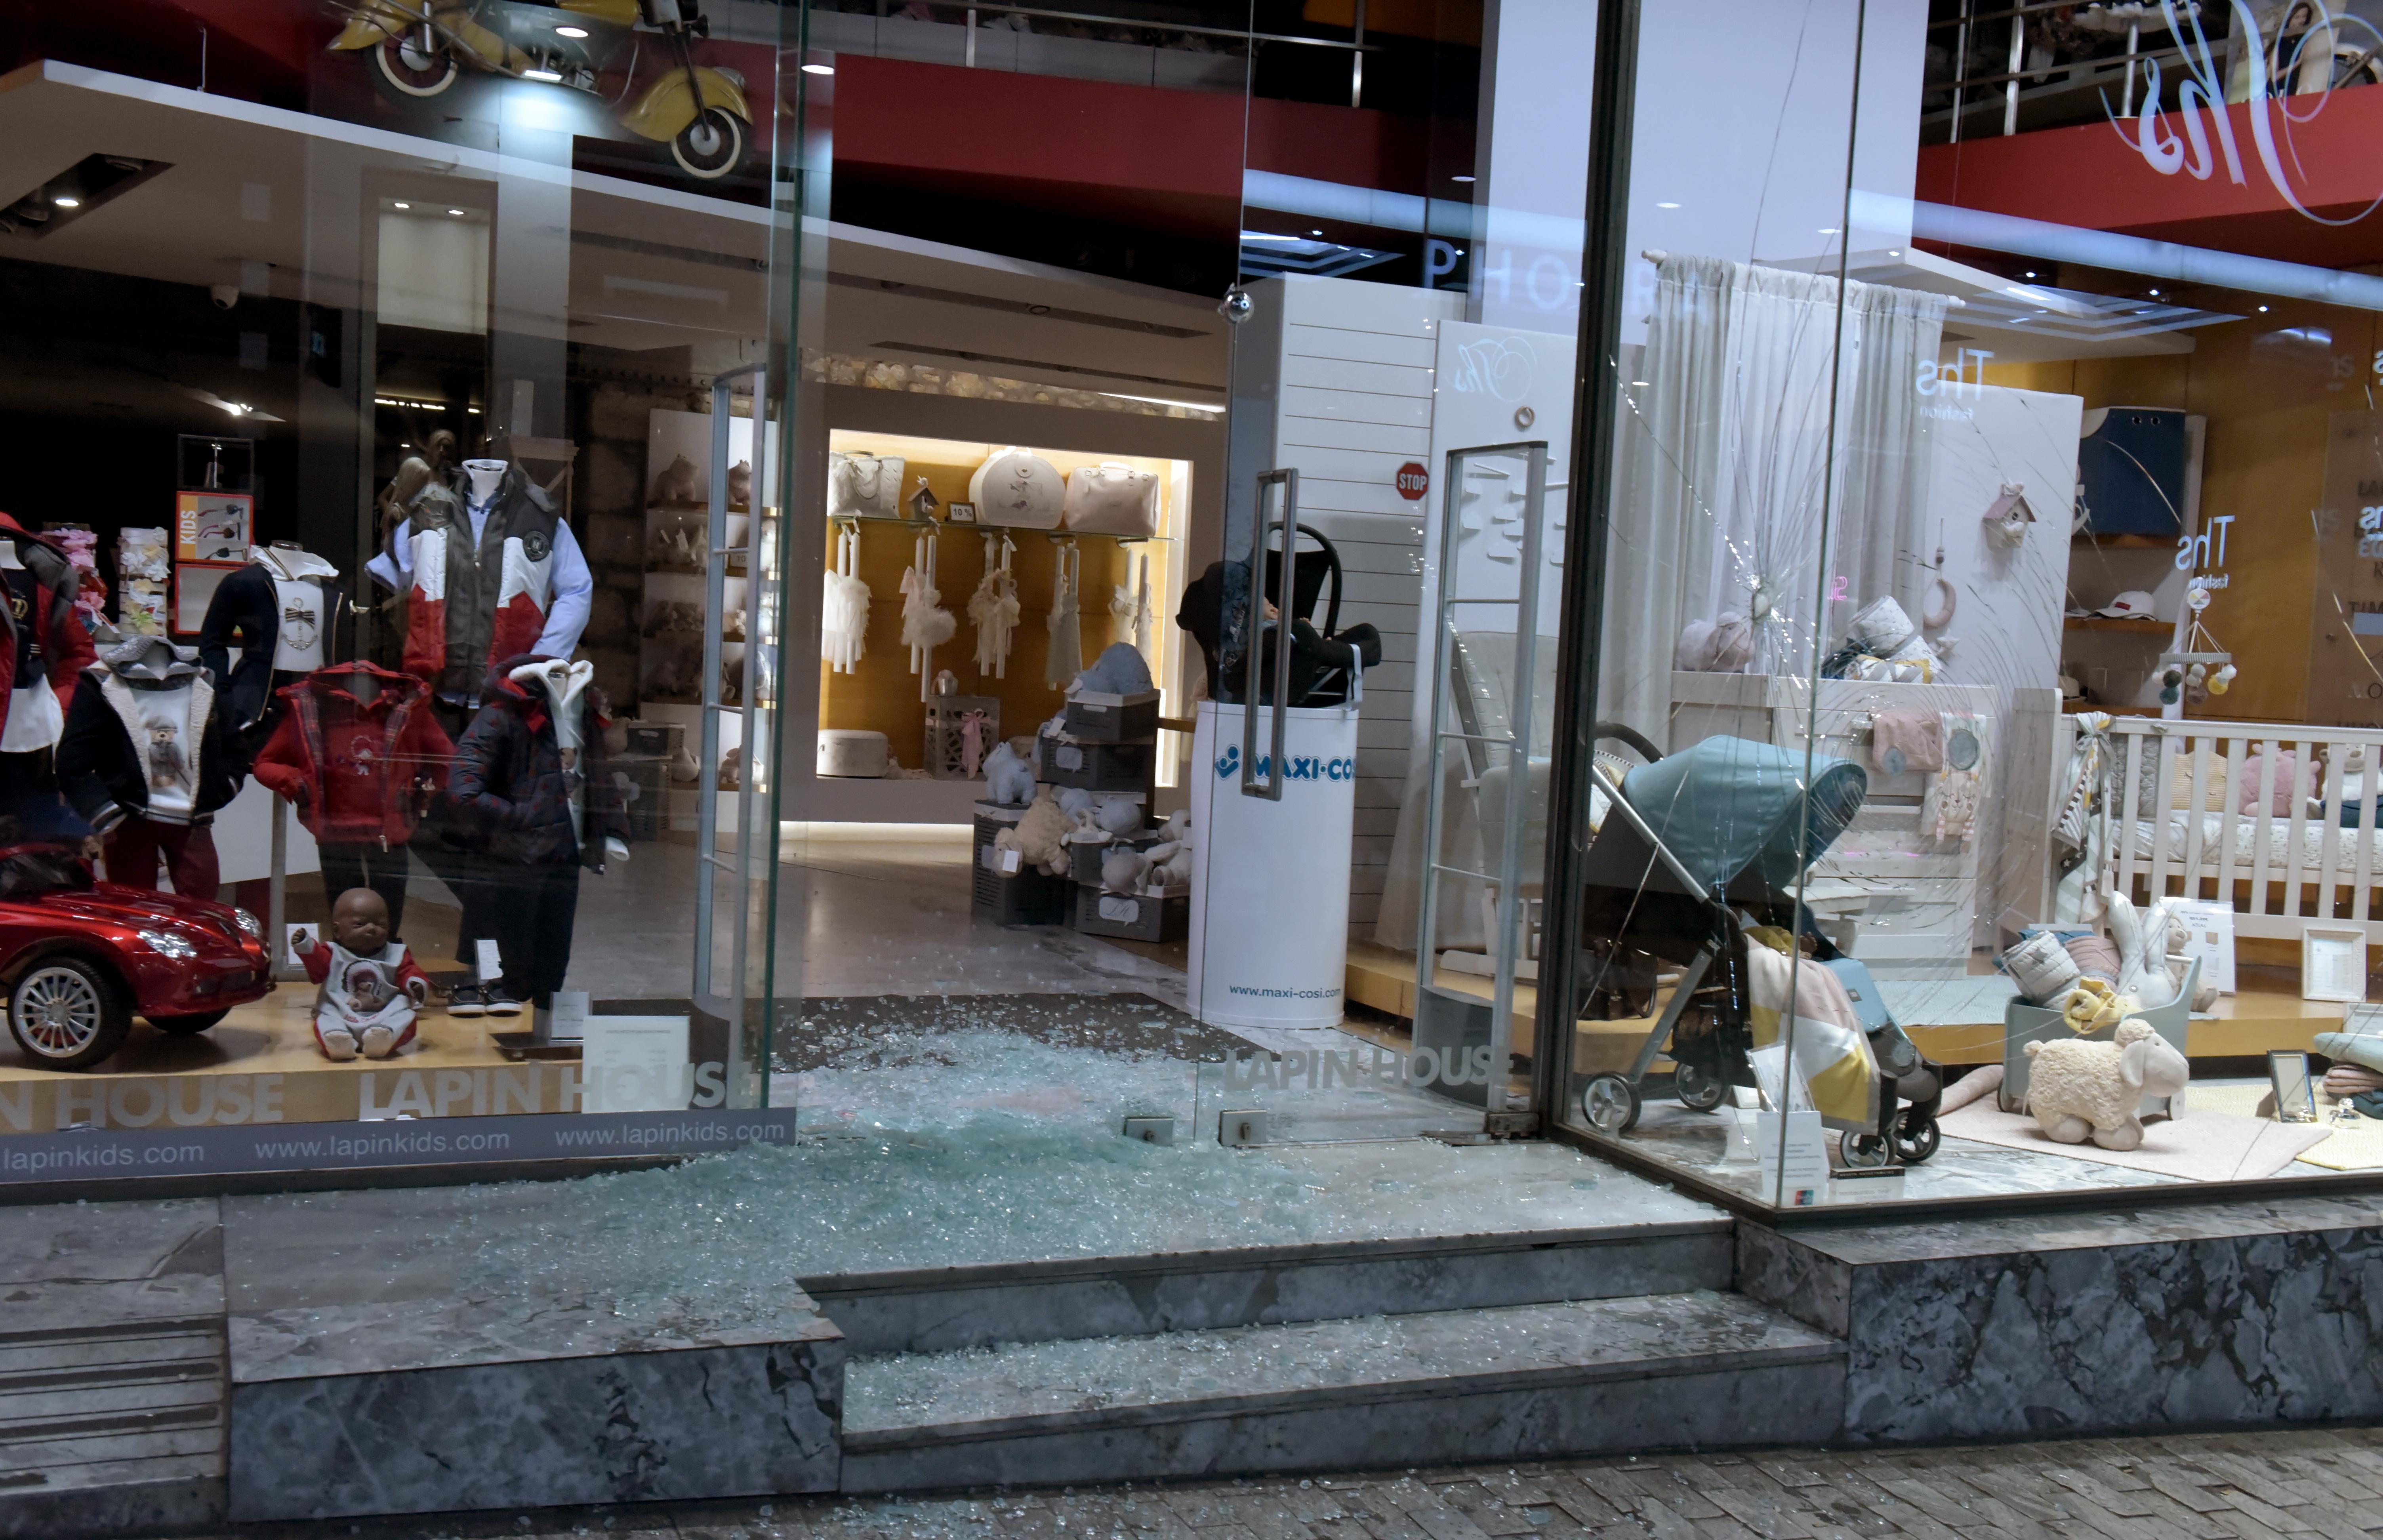 Η ομάδα των αντιεξουσιαστών έσπασε βιτρίνες και εισόδους αρκετών  καταστημάτων κοντά στο σταθμό Μοναστηράκι. 405c2b582d6